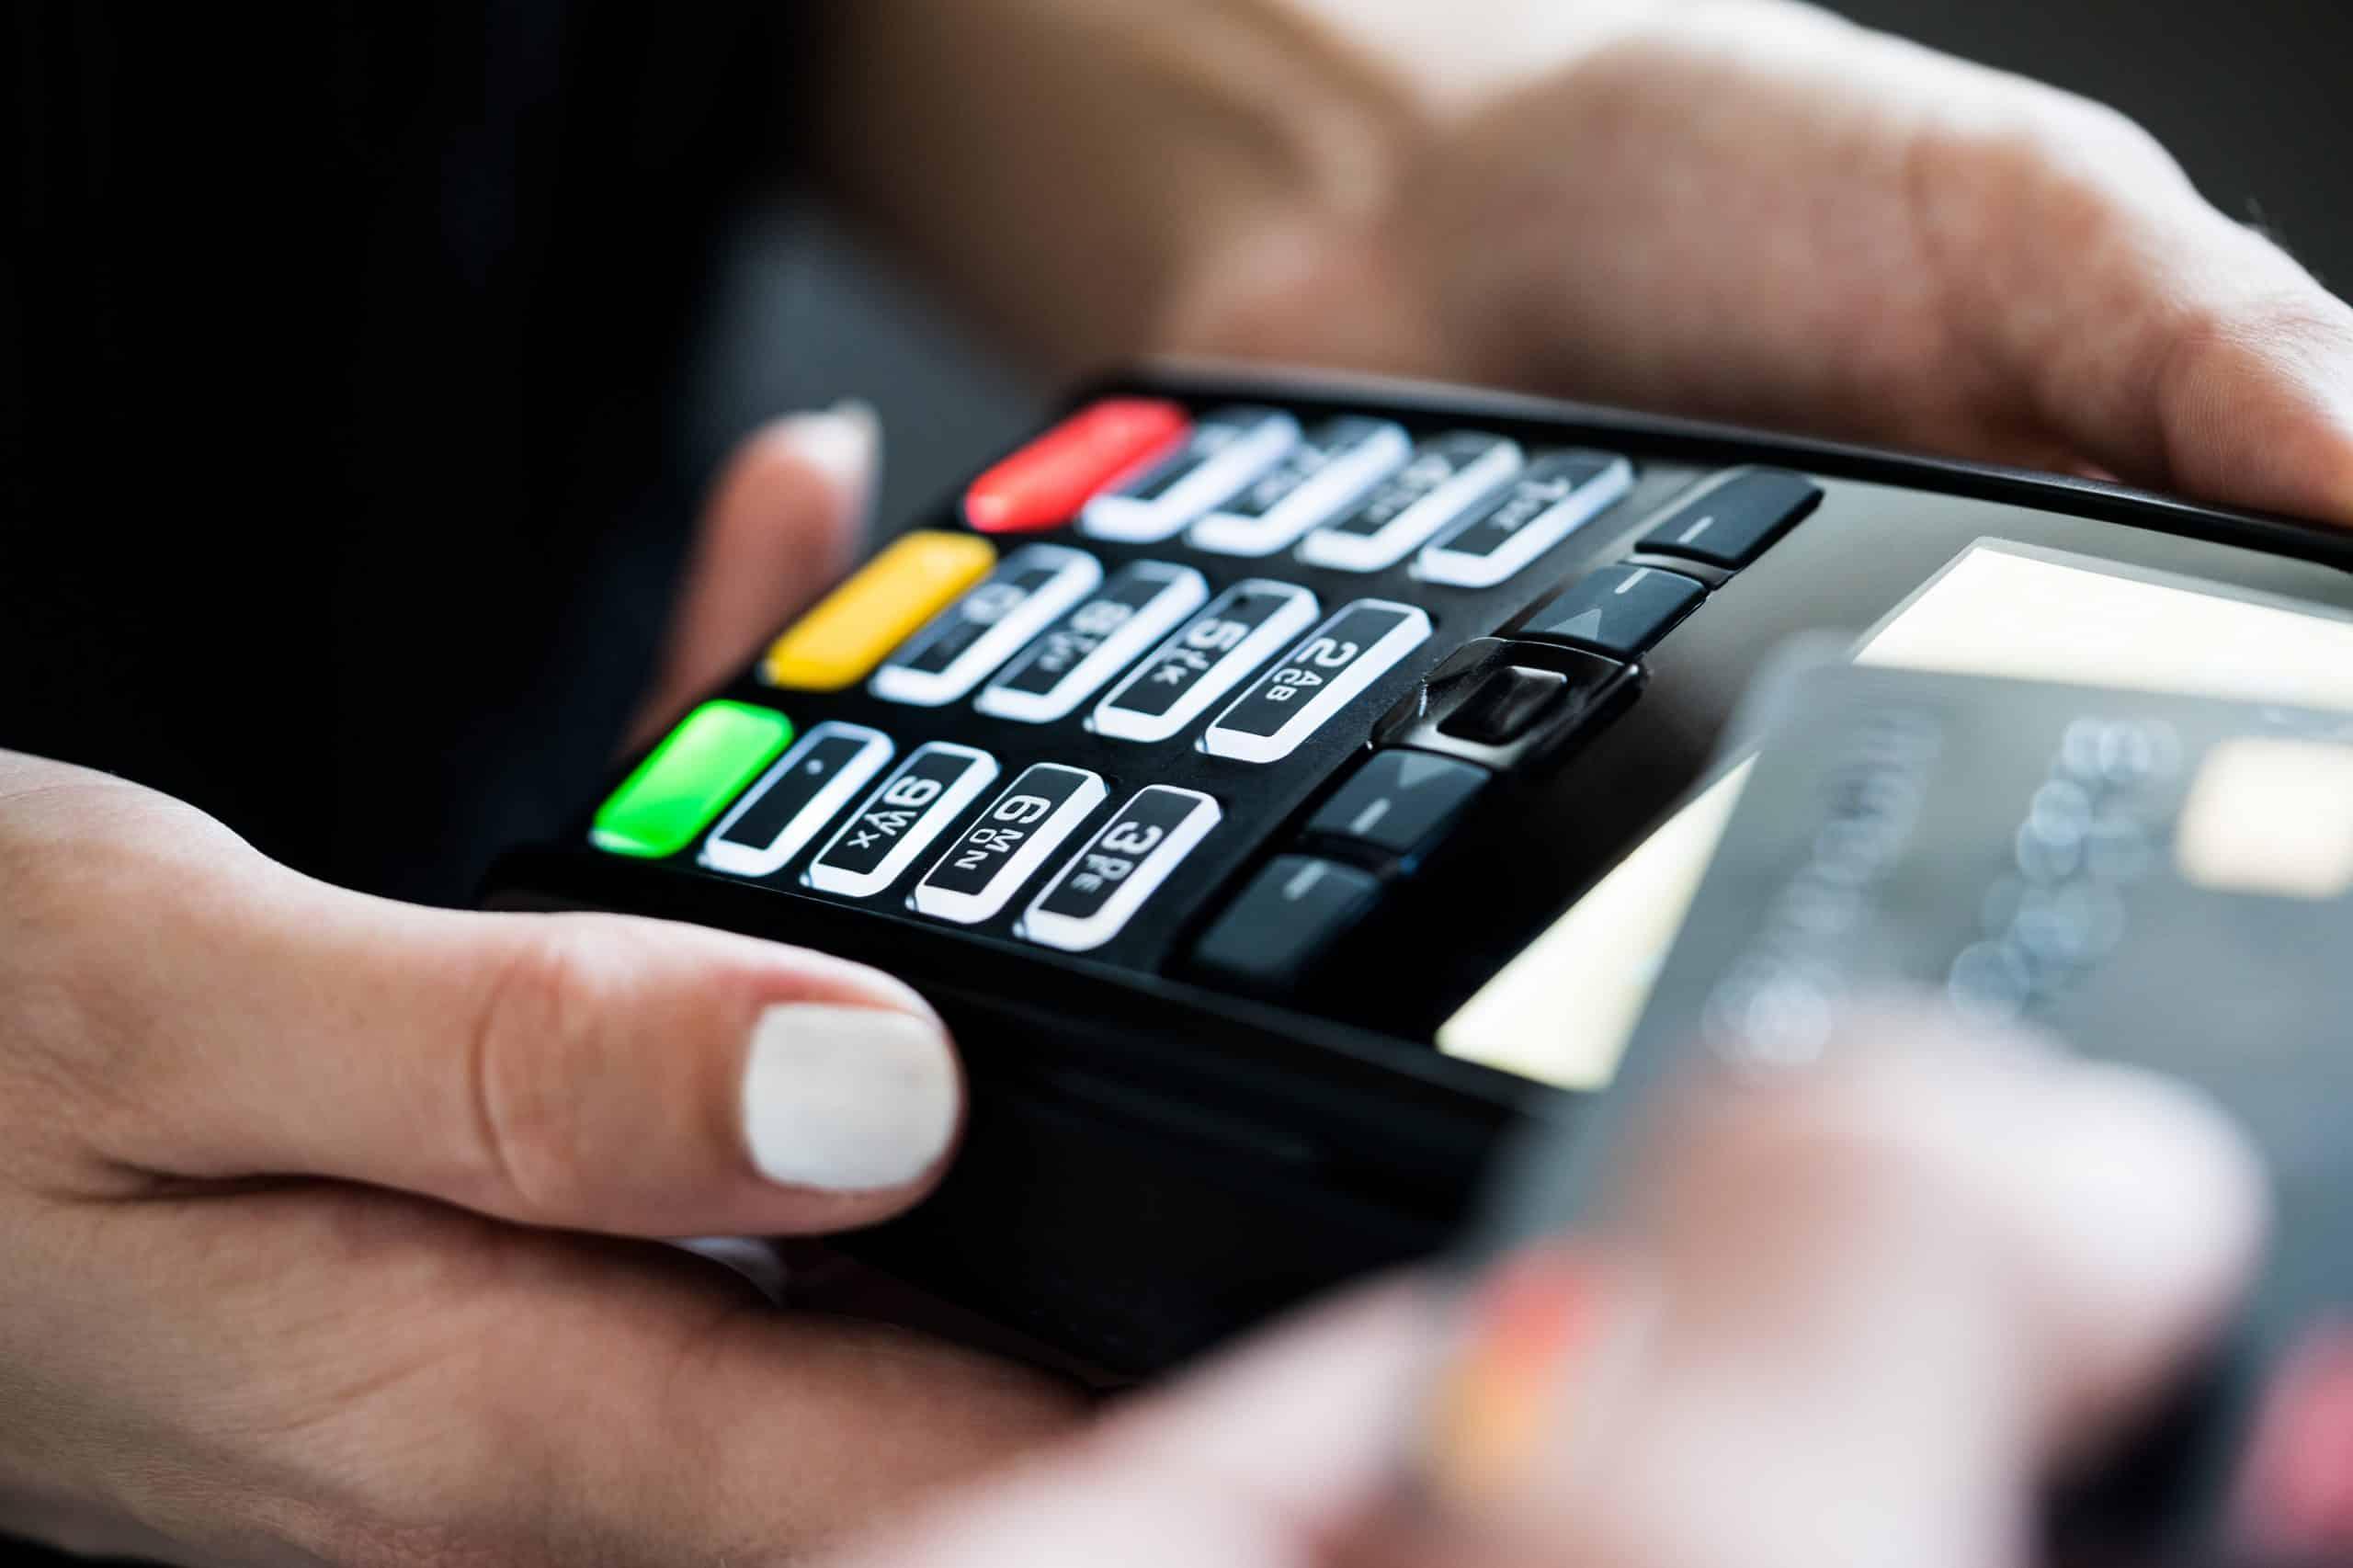 platba kartou na platobnom termináli s ekasou